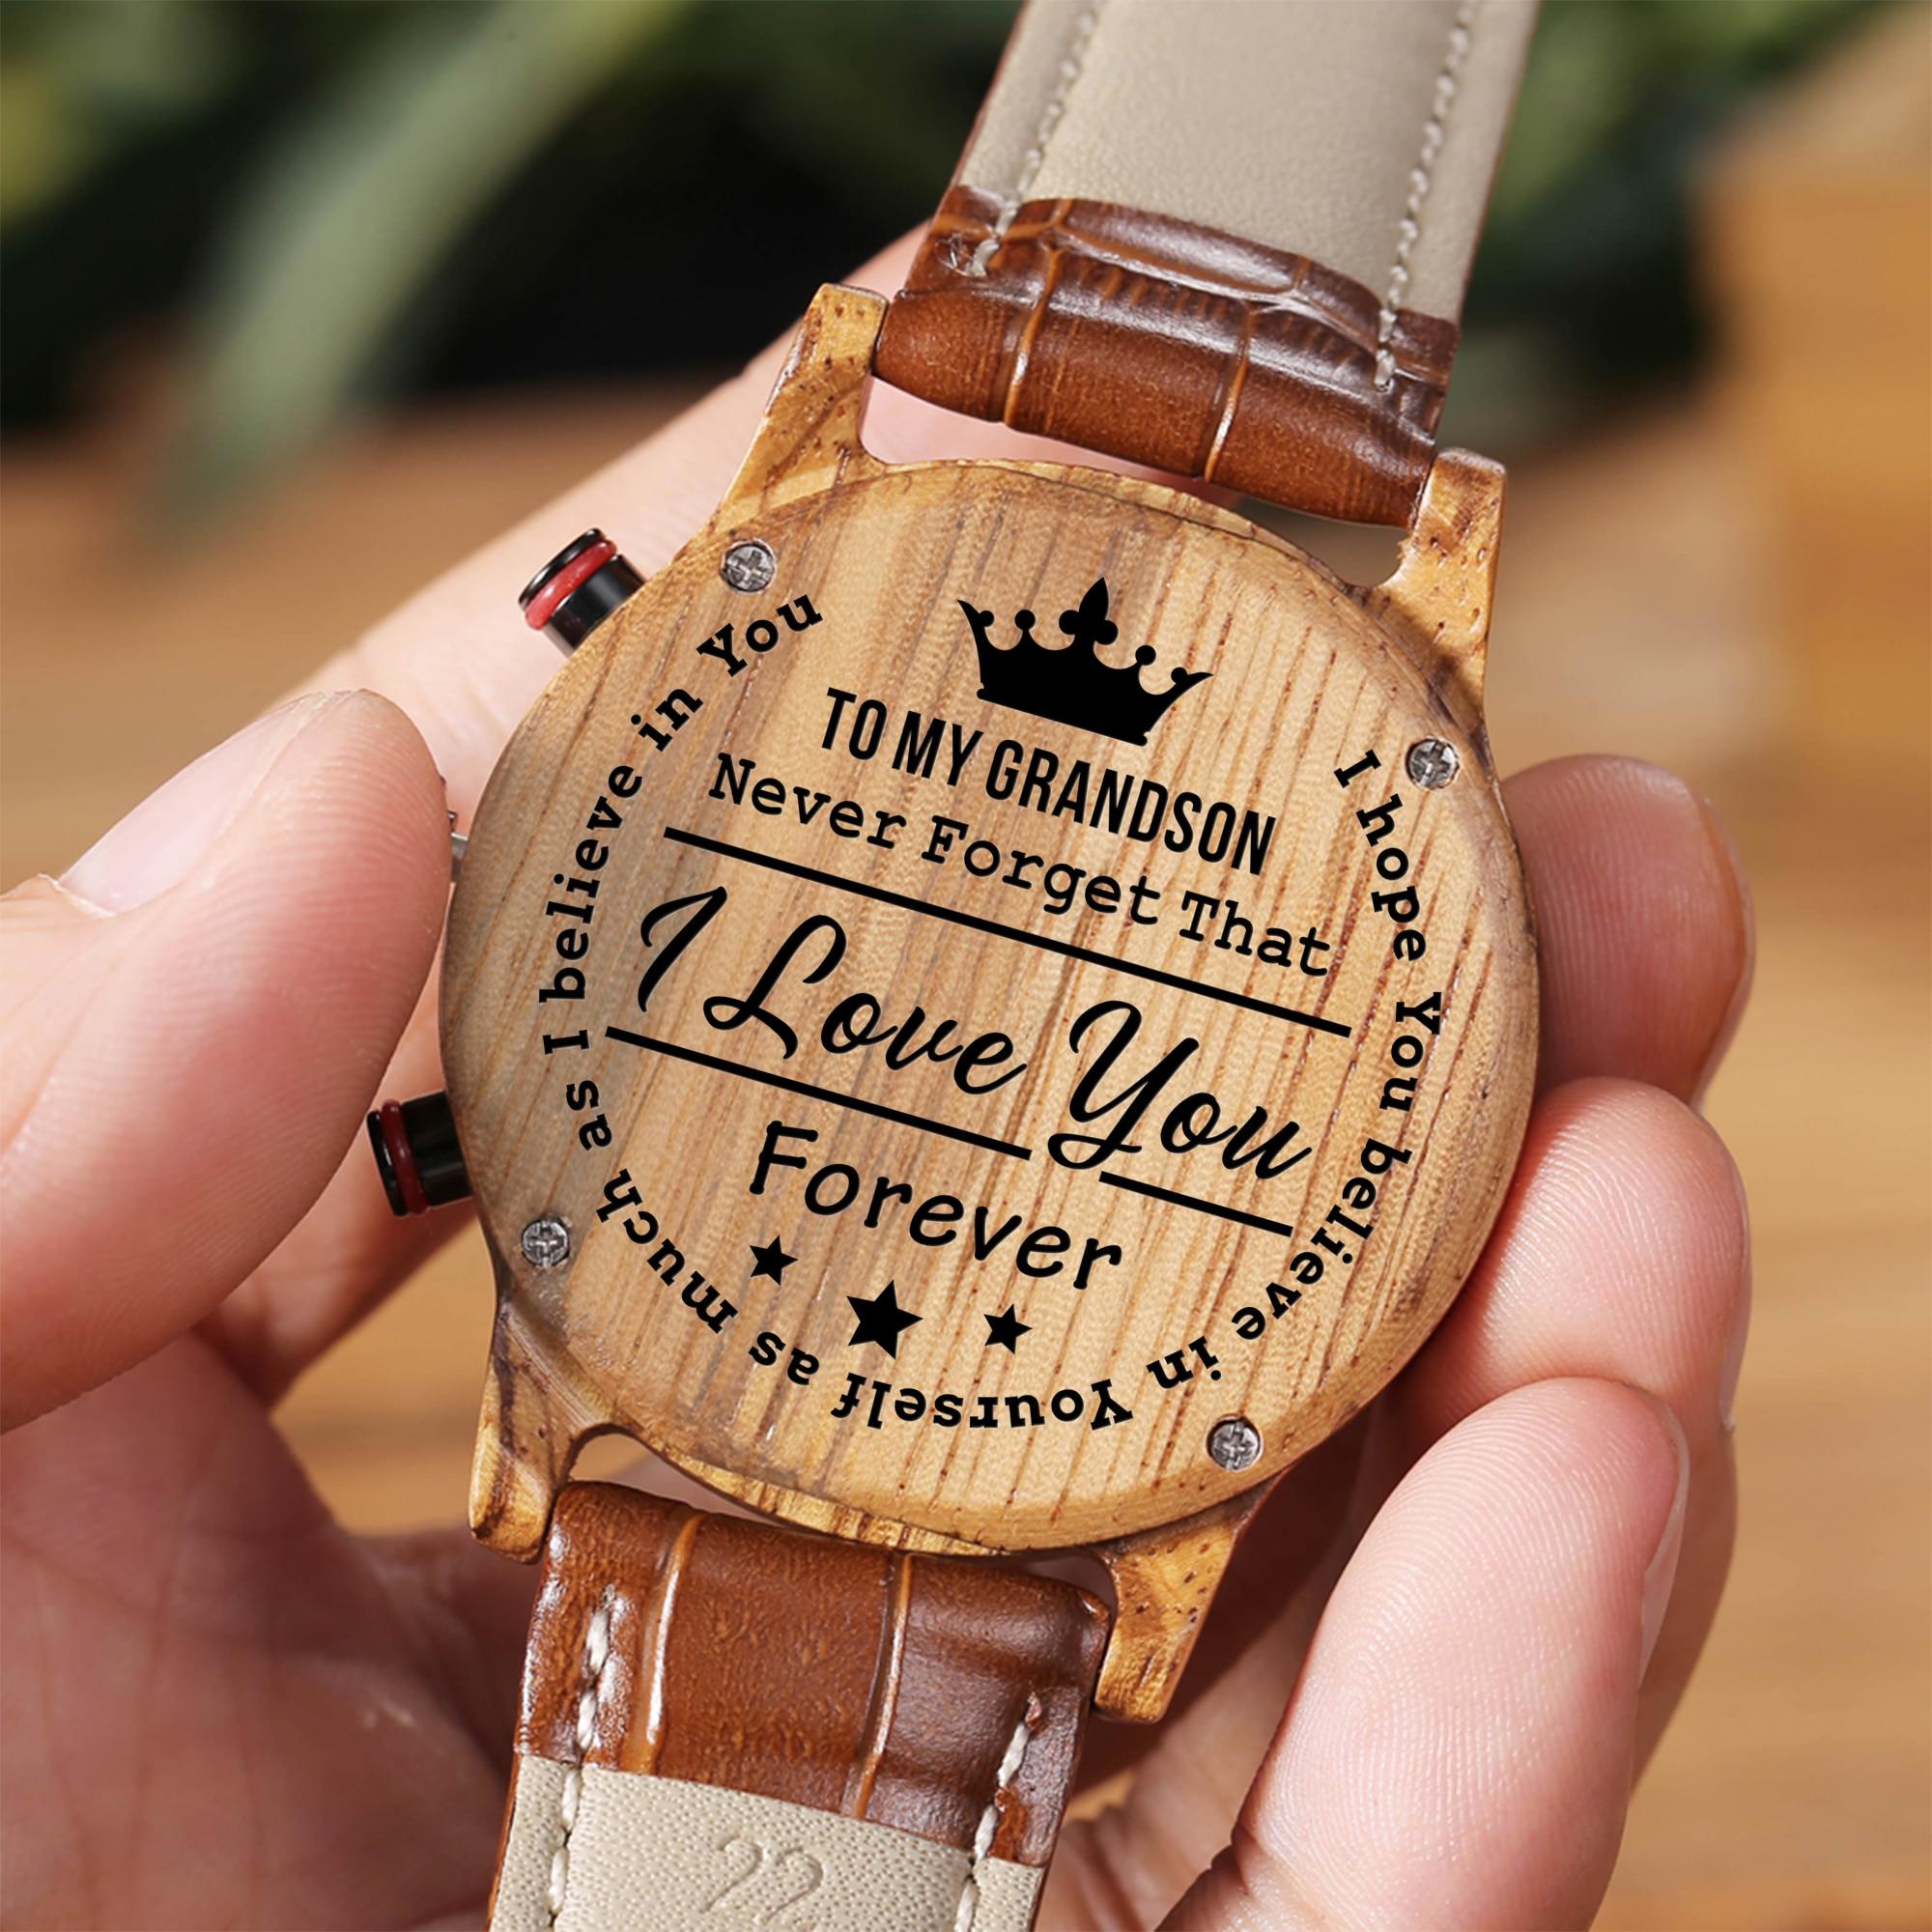 ساعة نحت فاخرة للأجد والجدة ، هدية عيد ميلاد التخرج ، الرياضة ، لأطفال